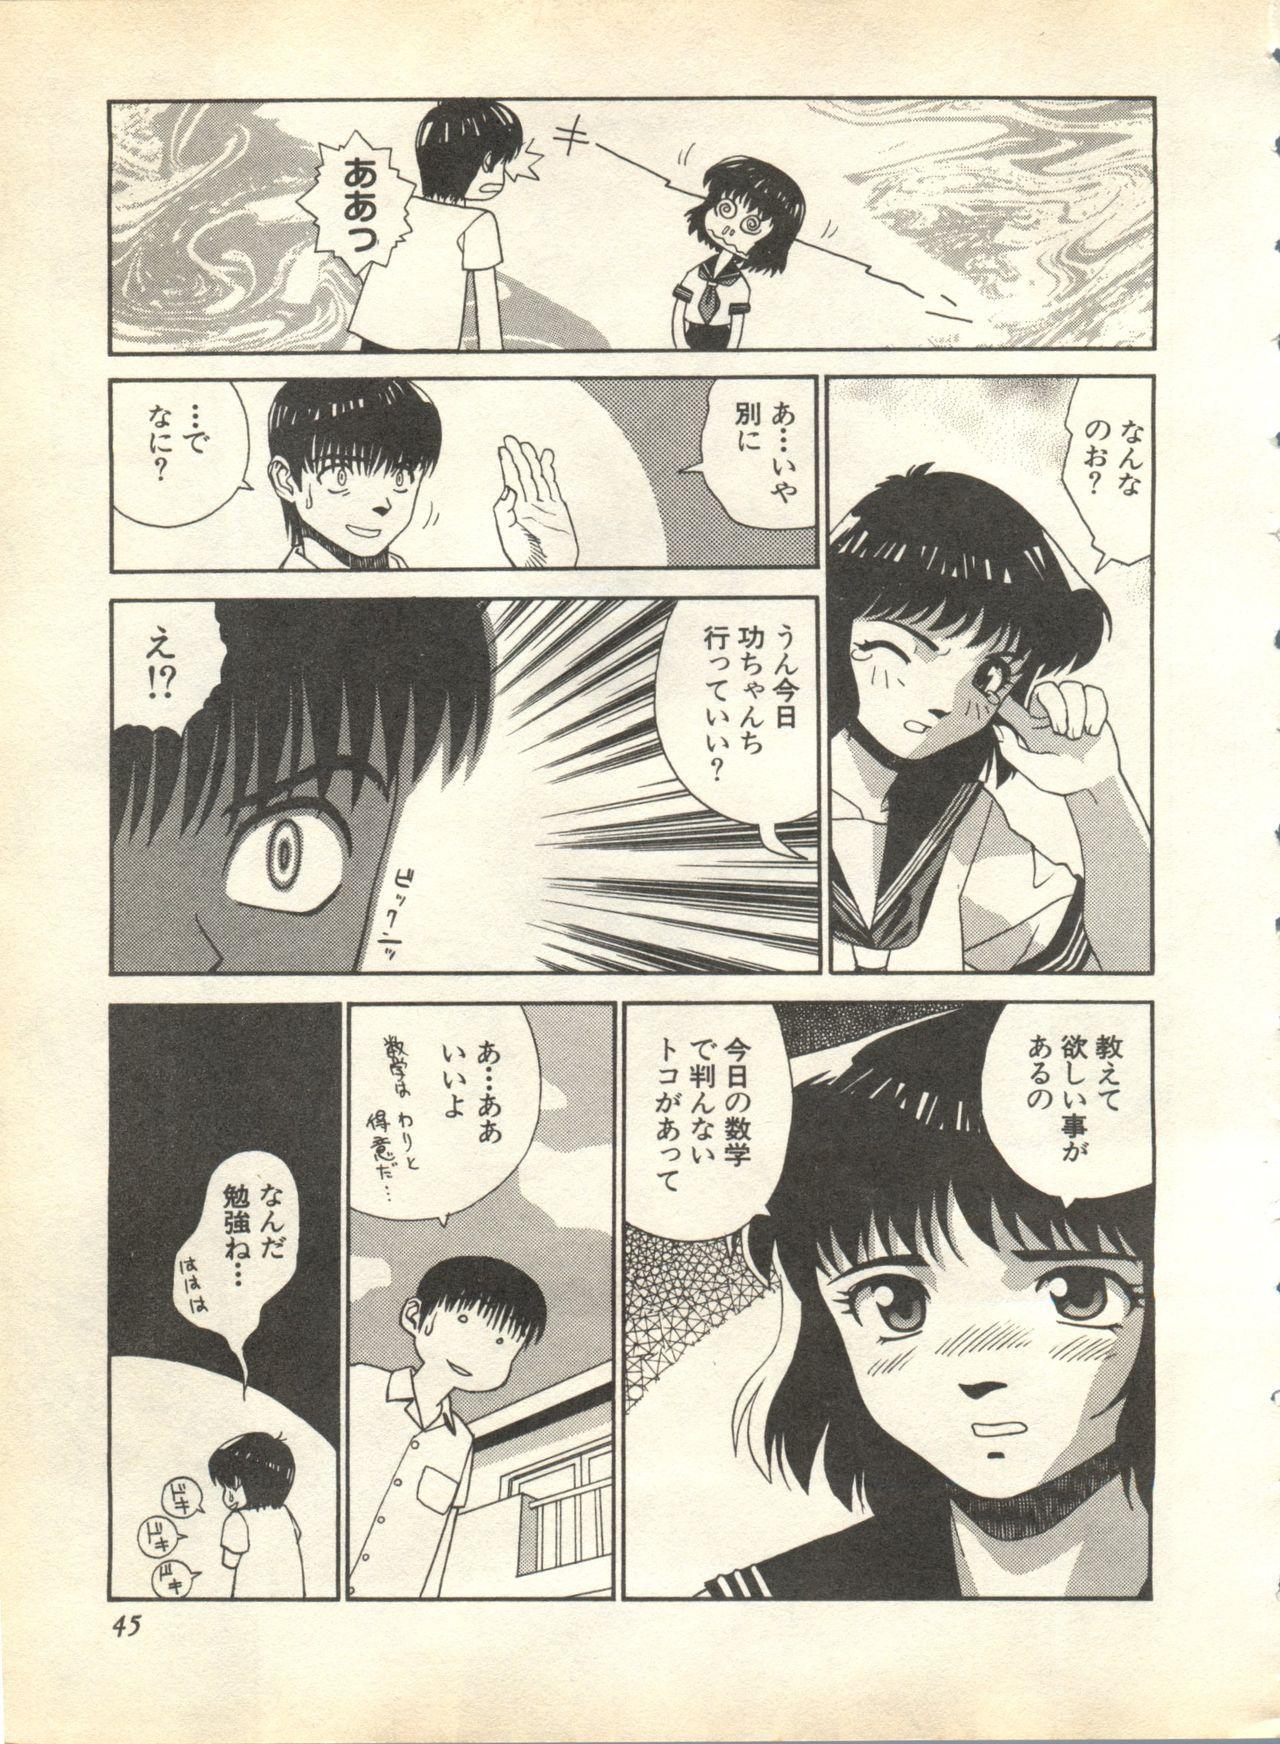 Pai;kuu 1998 October Vol. 13 44